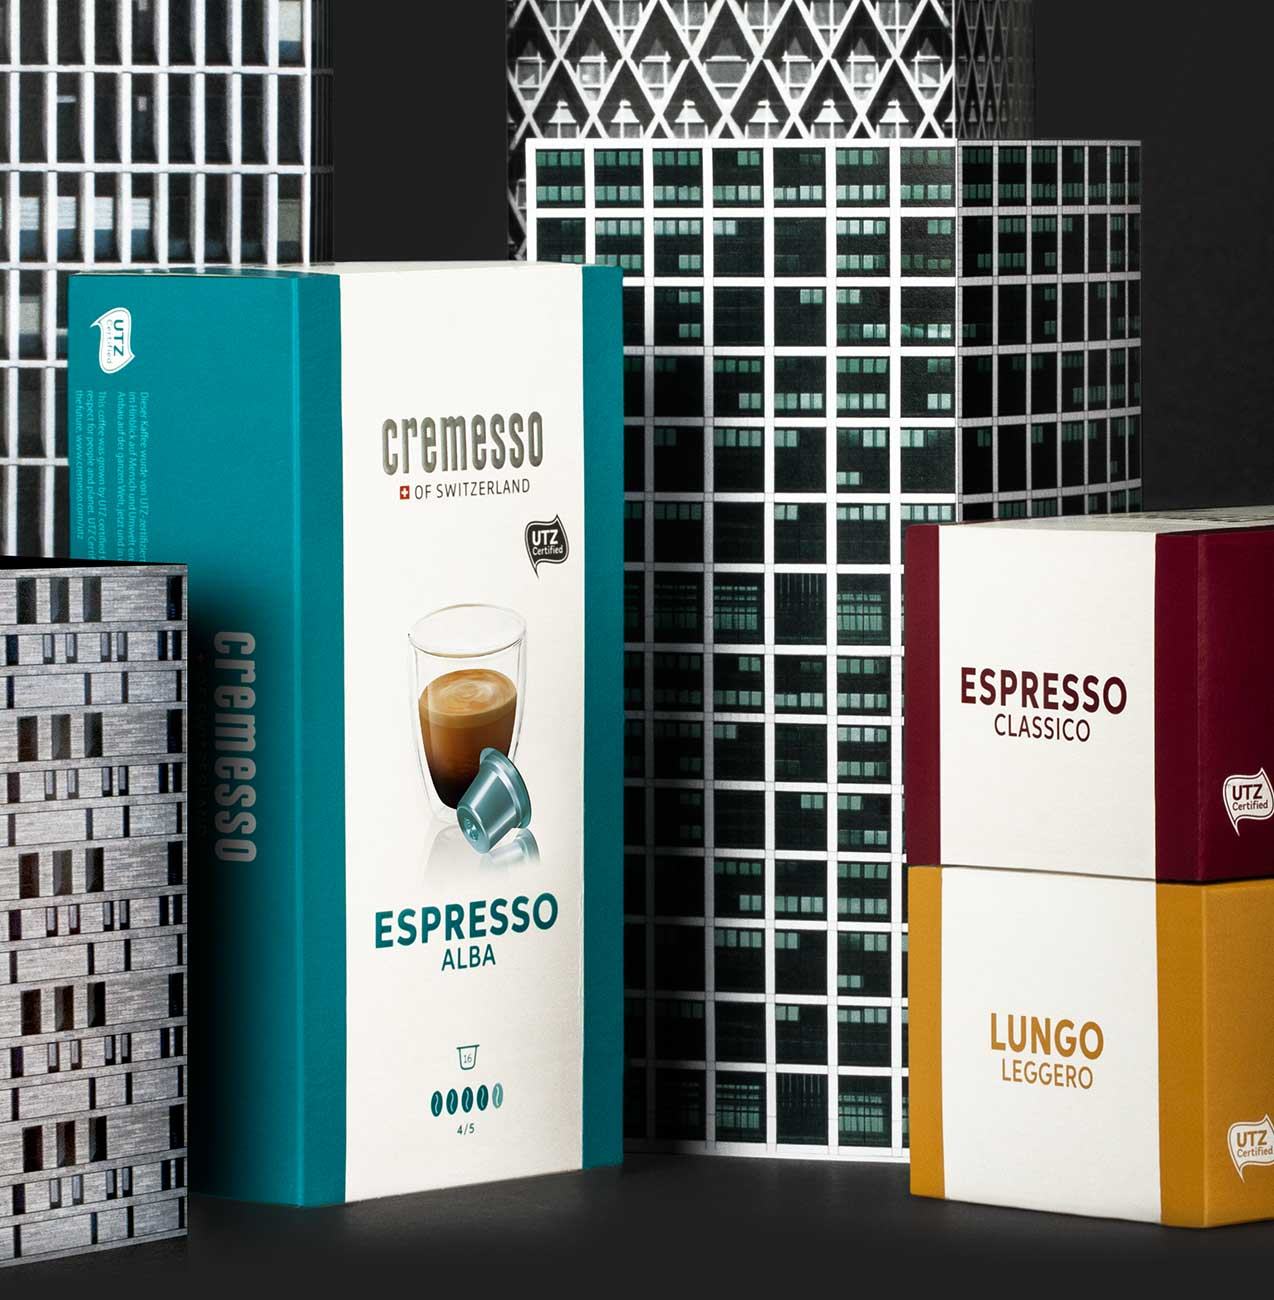 Gallery_Cremesso_Delica_Kaffee_Marke_Design_06A